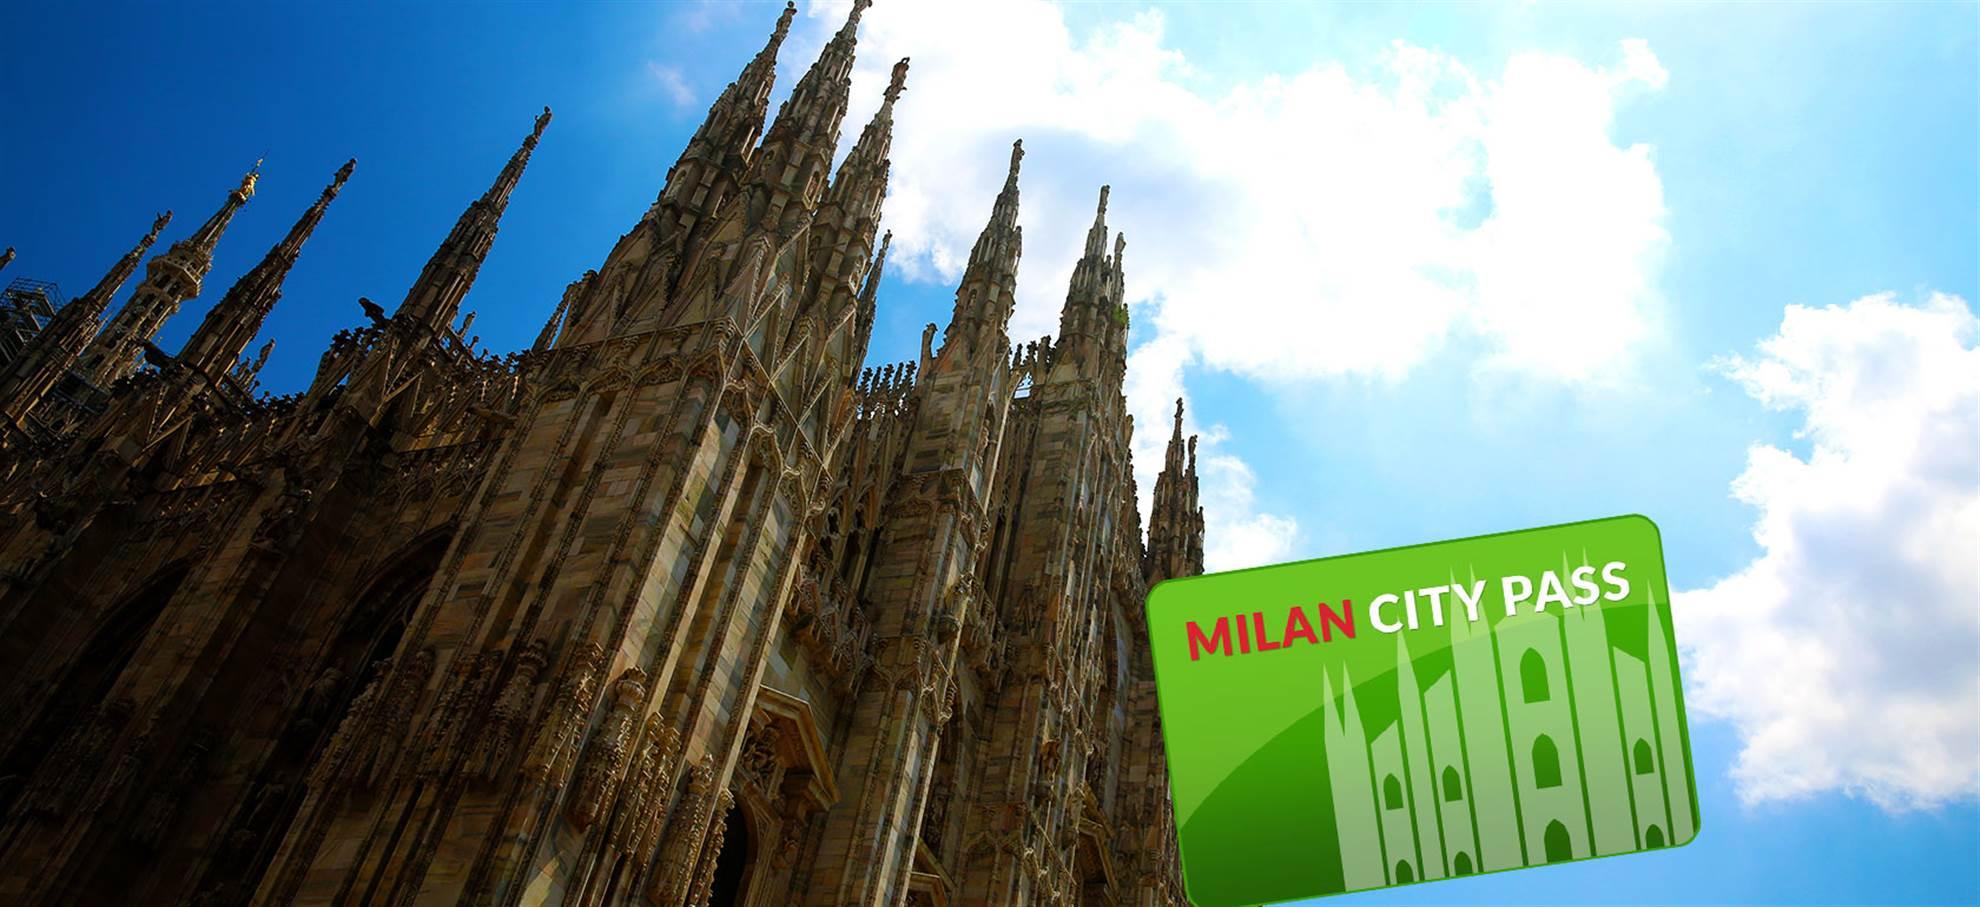 Milaan-Laatste Avondmaal City Pass (inclusief luchthaventransfer)